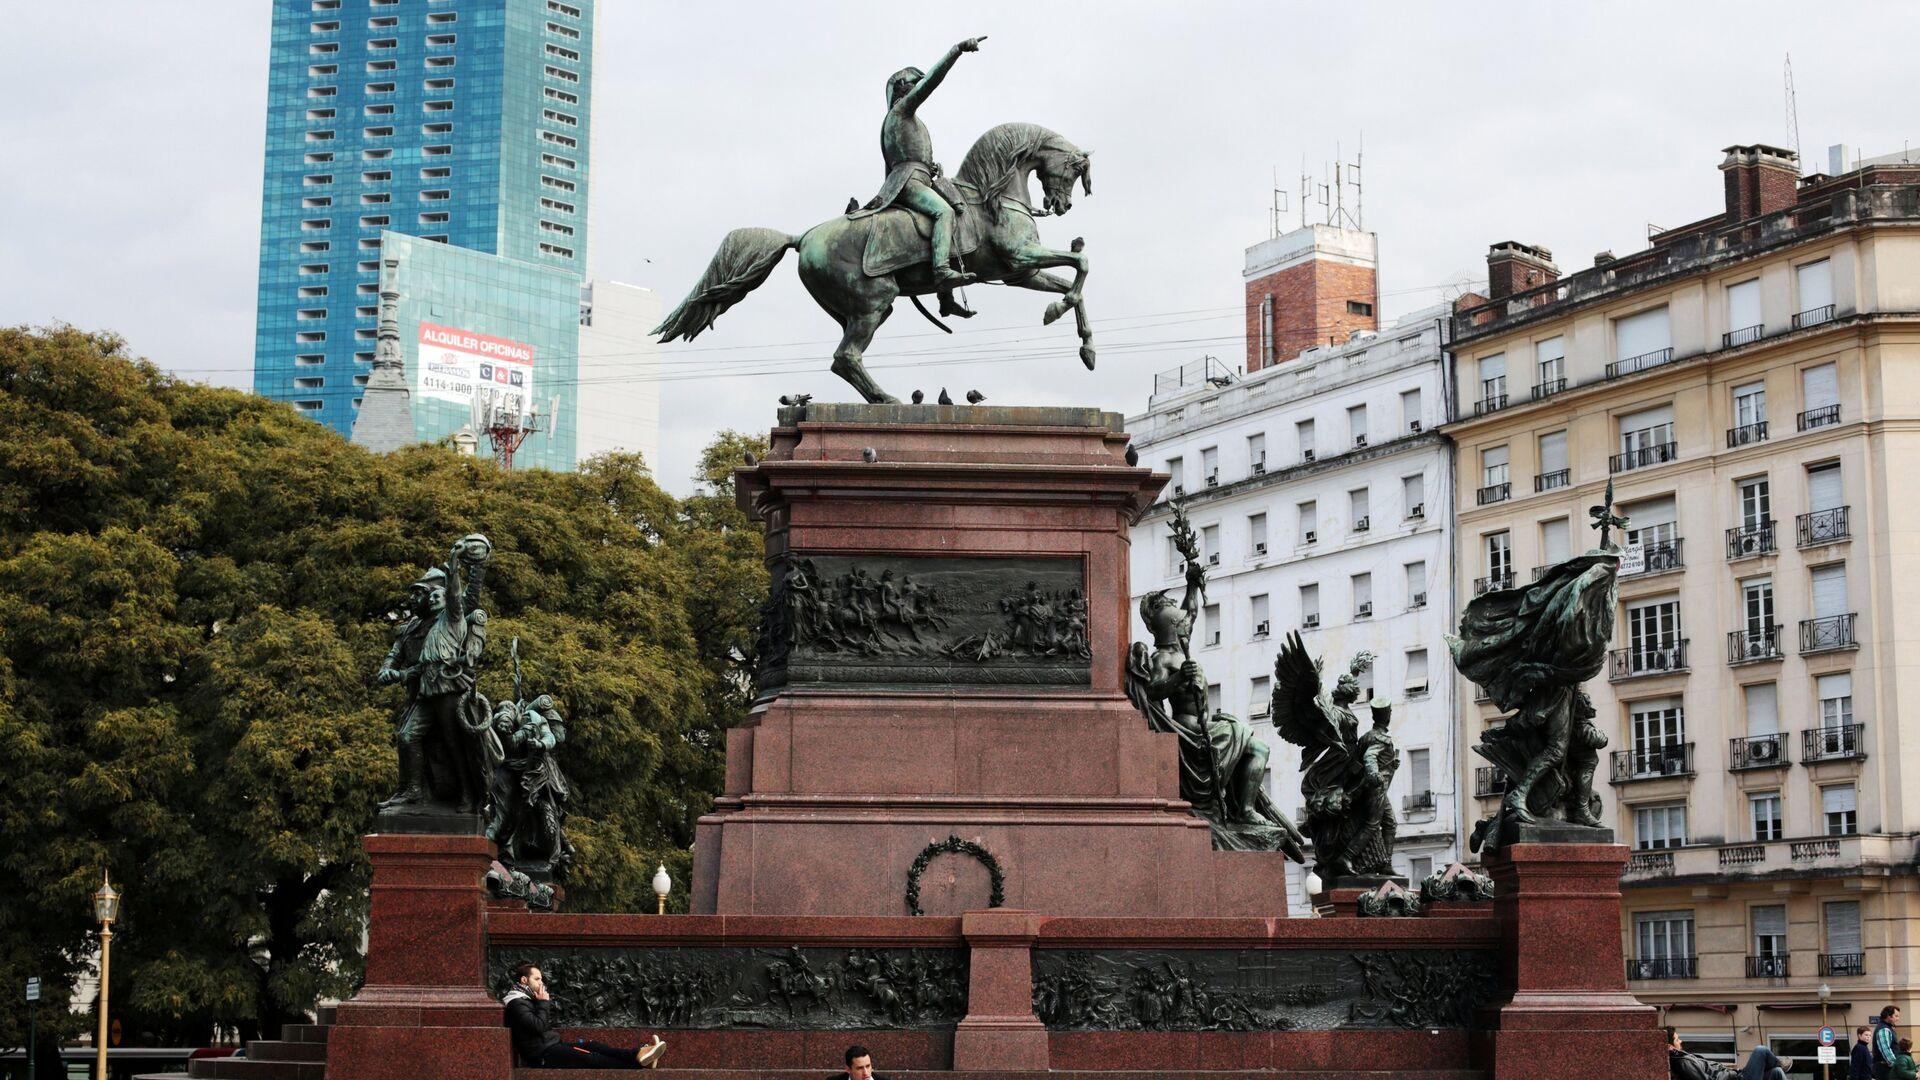 Buenos Aires, la capital de Argentina - Sputnik Mundo, 1920, 29.03.2021